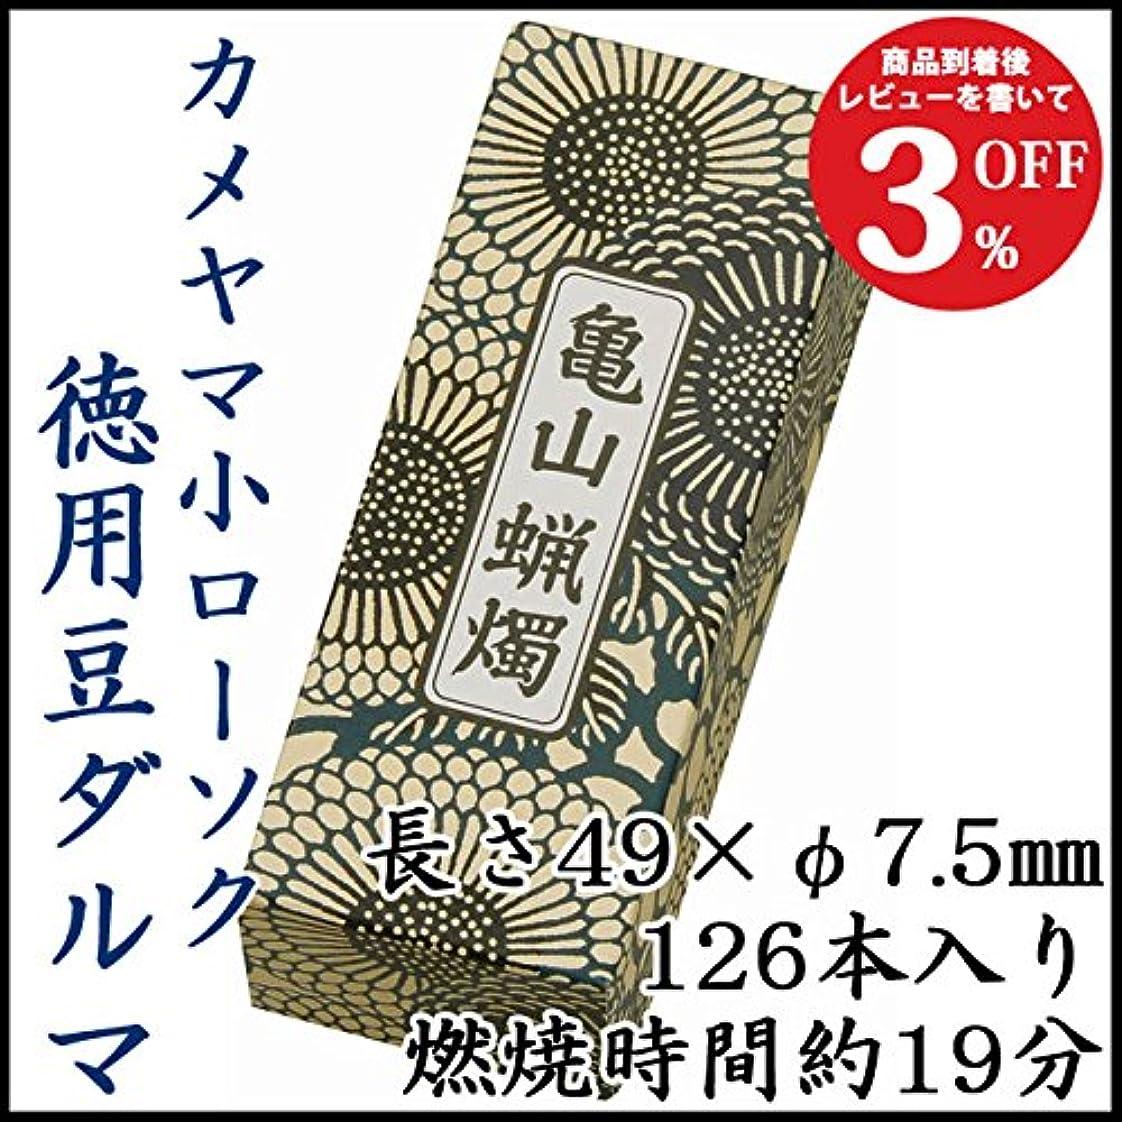 ハドル著名な内訳カメヤマ小ローソク 徳用豆ダルマA#151 225g